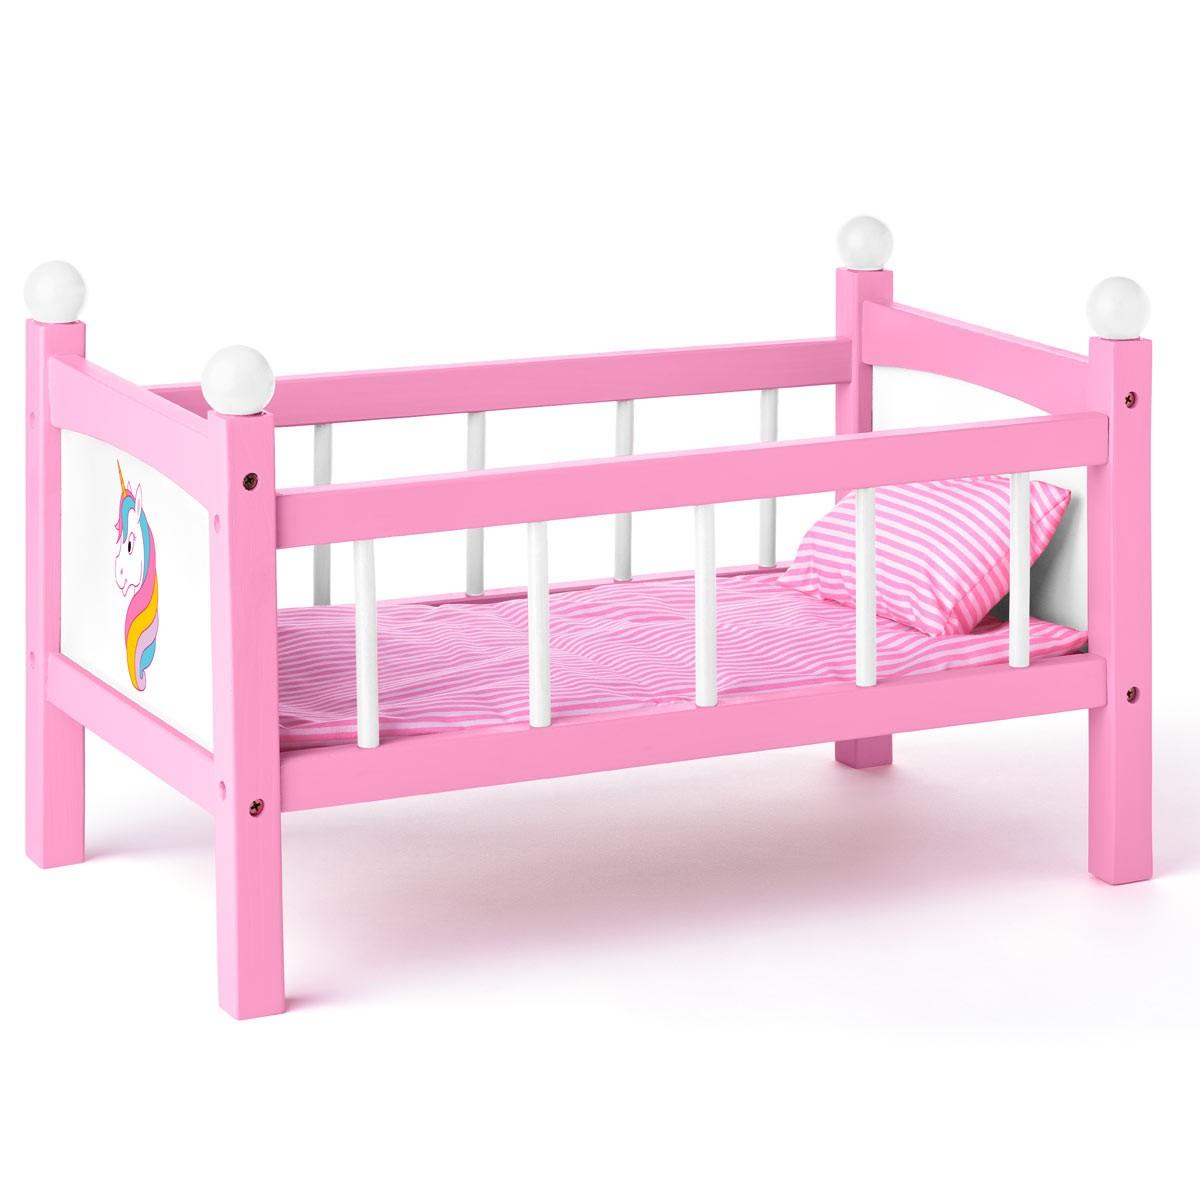 details sur dream lit de poupee licorne jouet en bois avec parure de lit